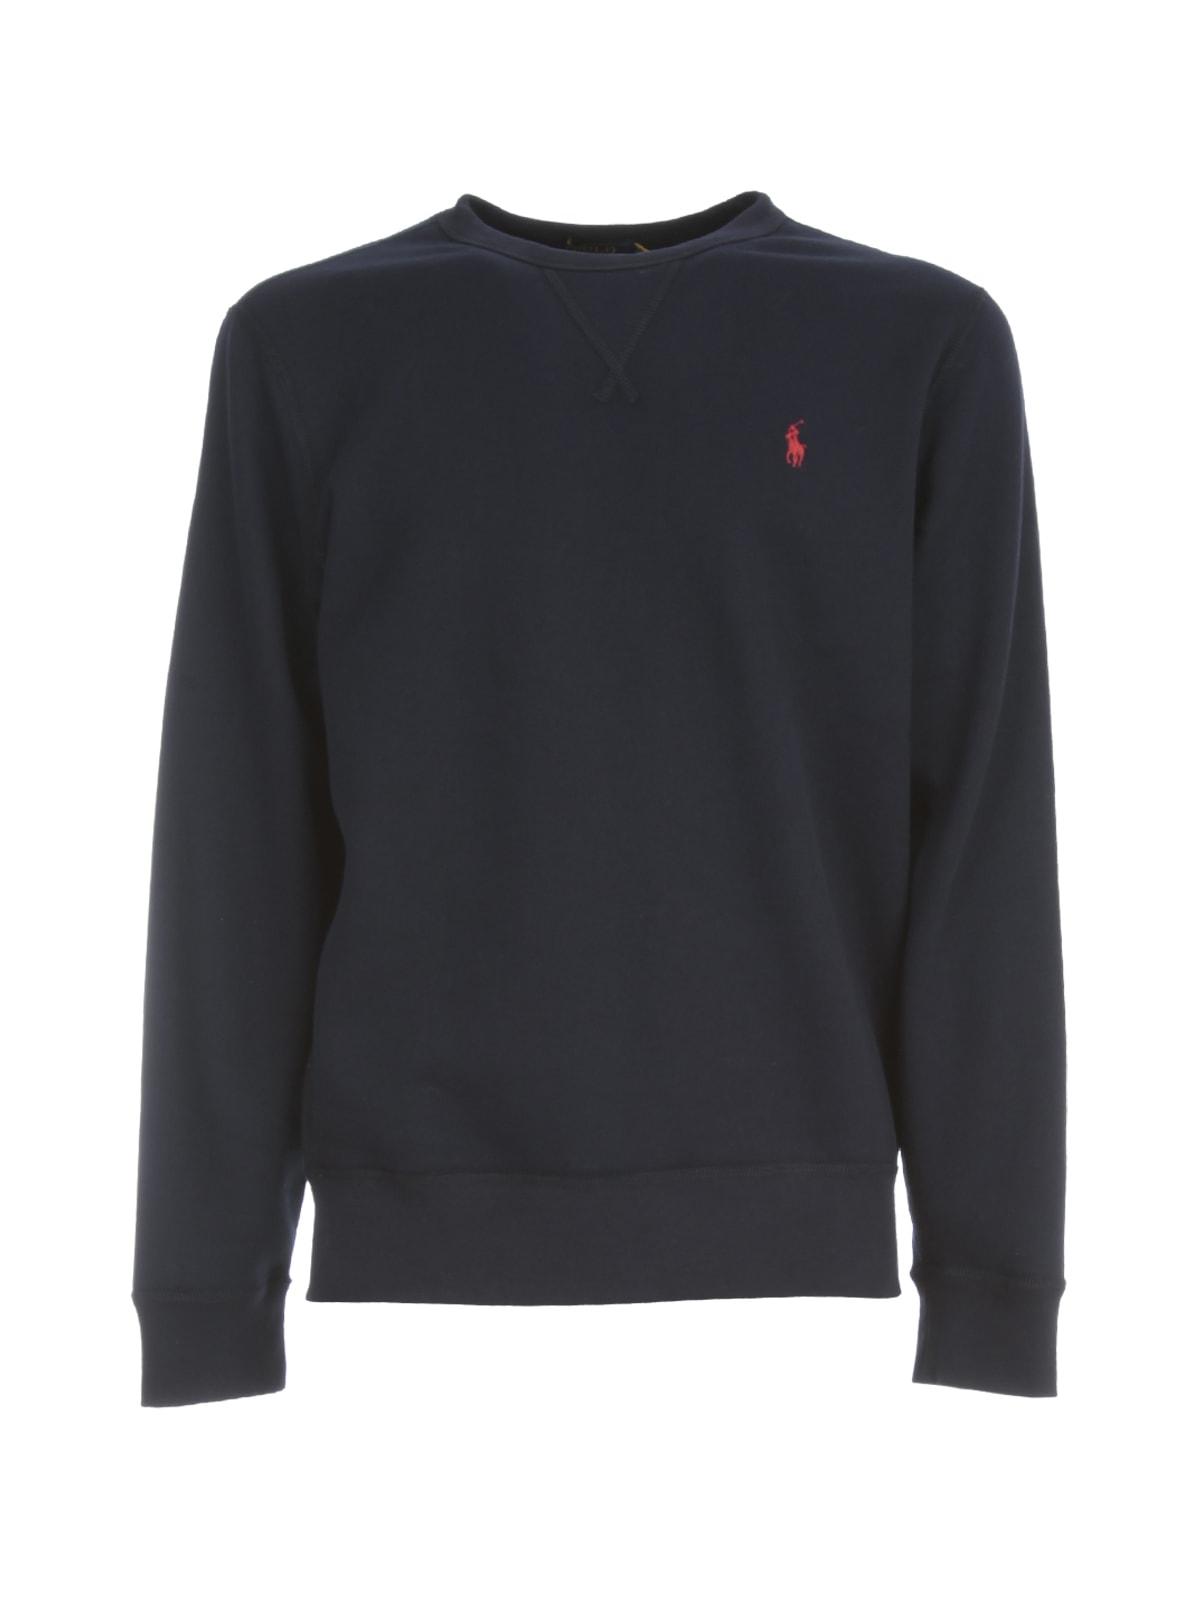 Polo Ralph Lauren Rl Fleece Crew Neck Sweatshirt